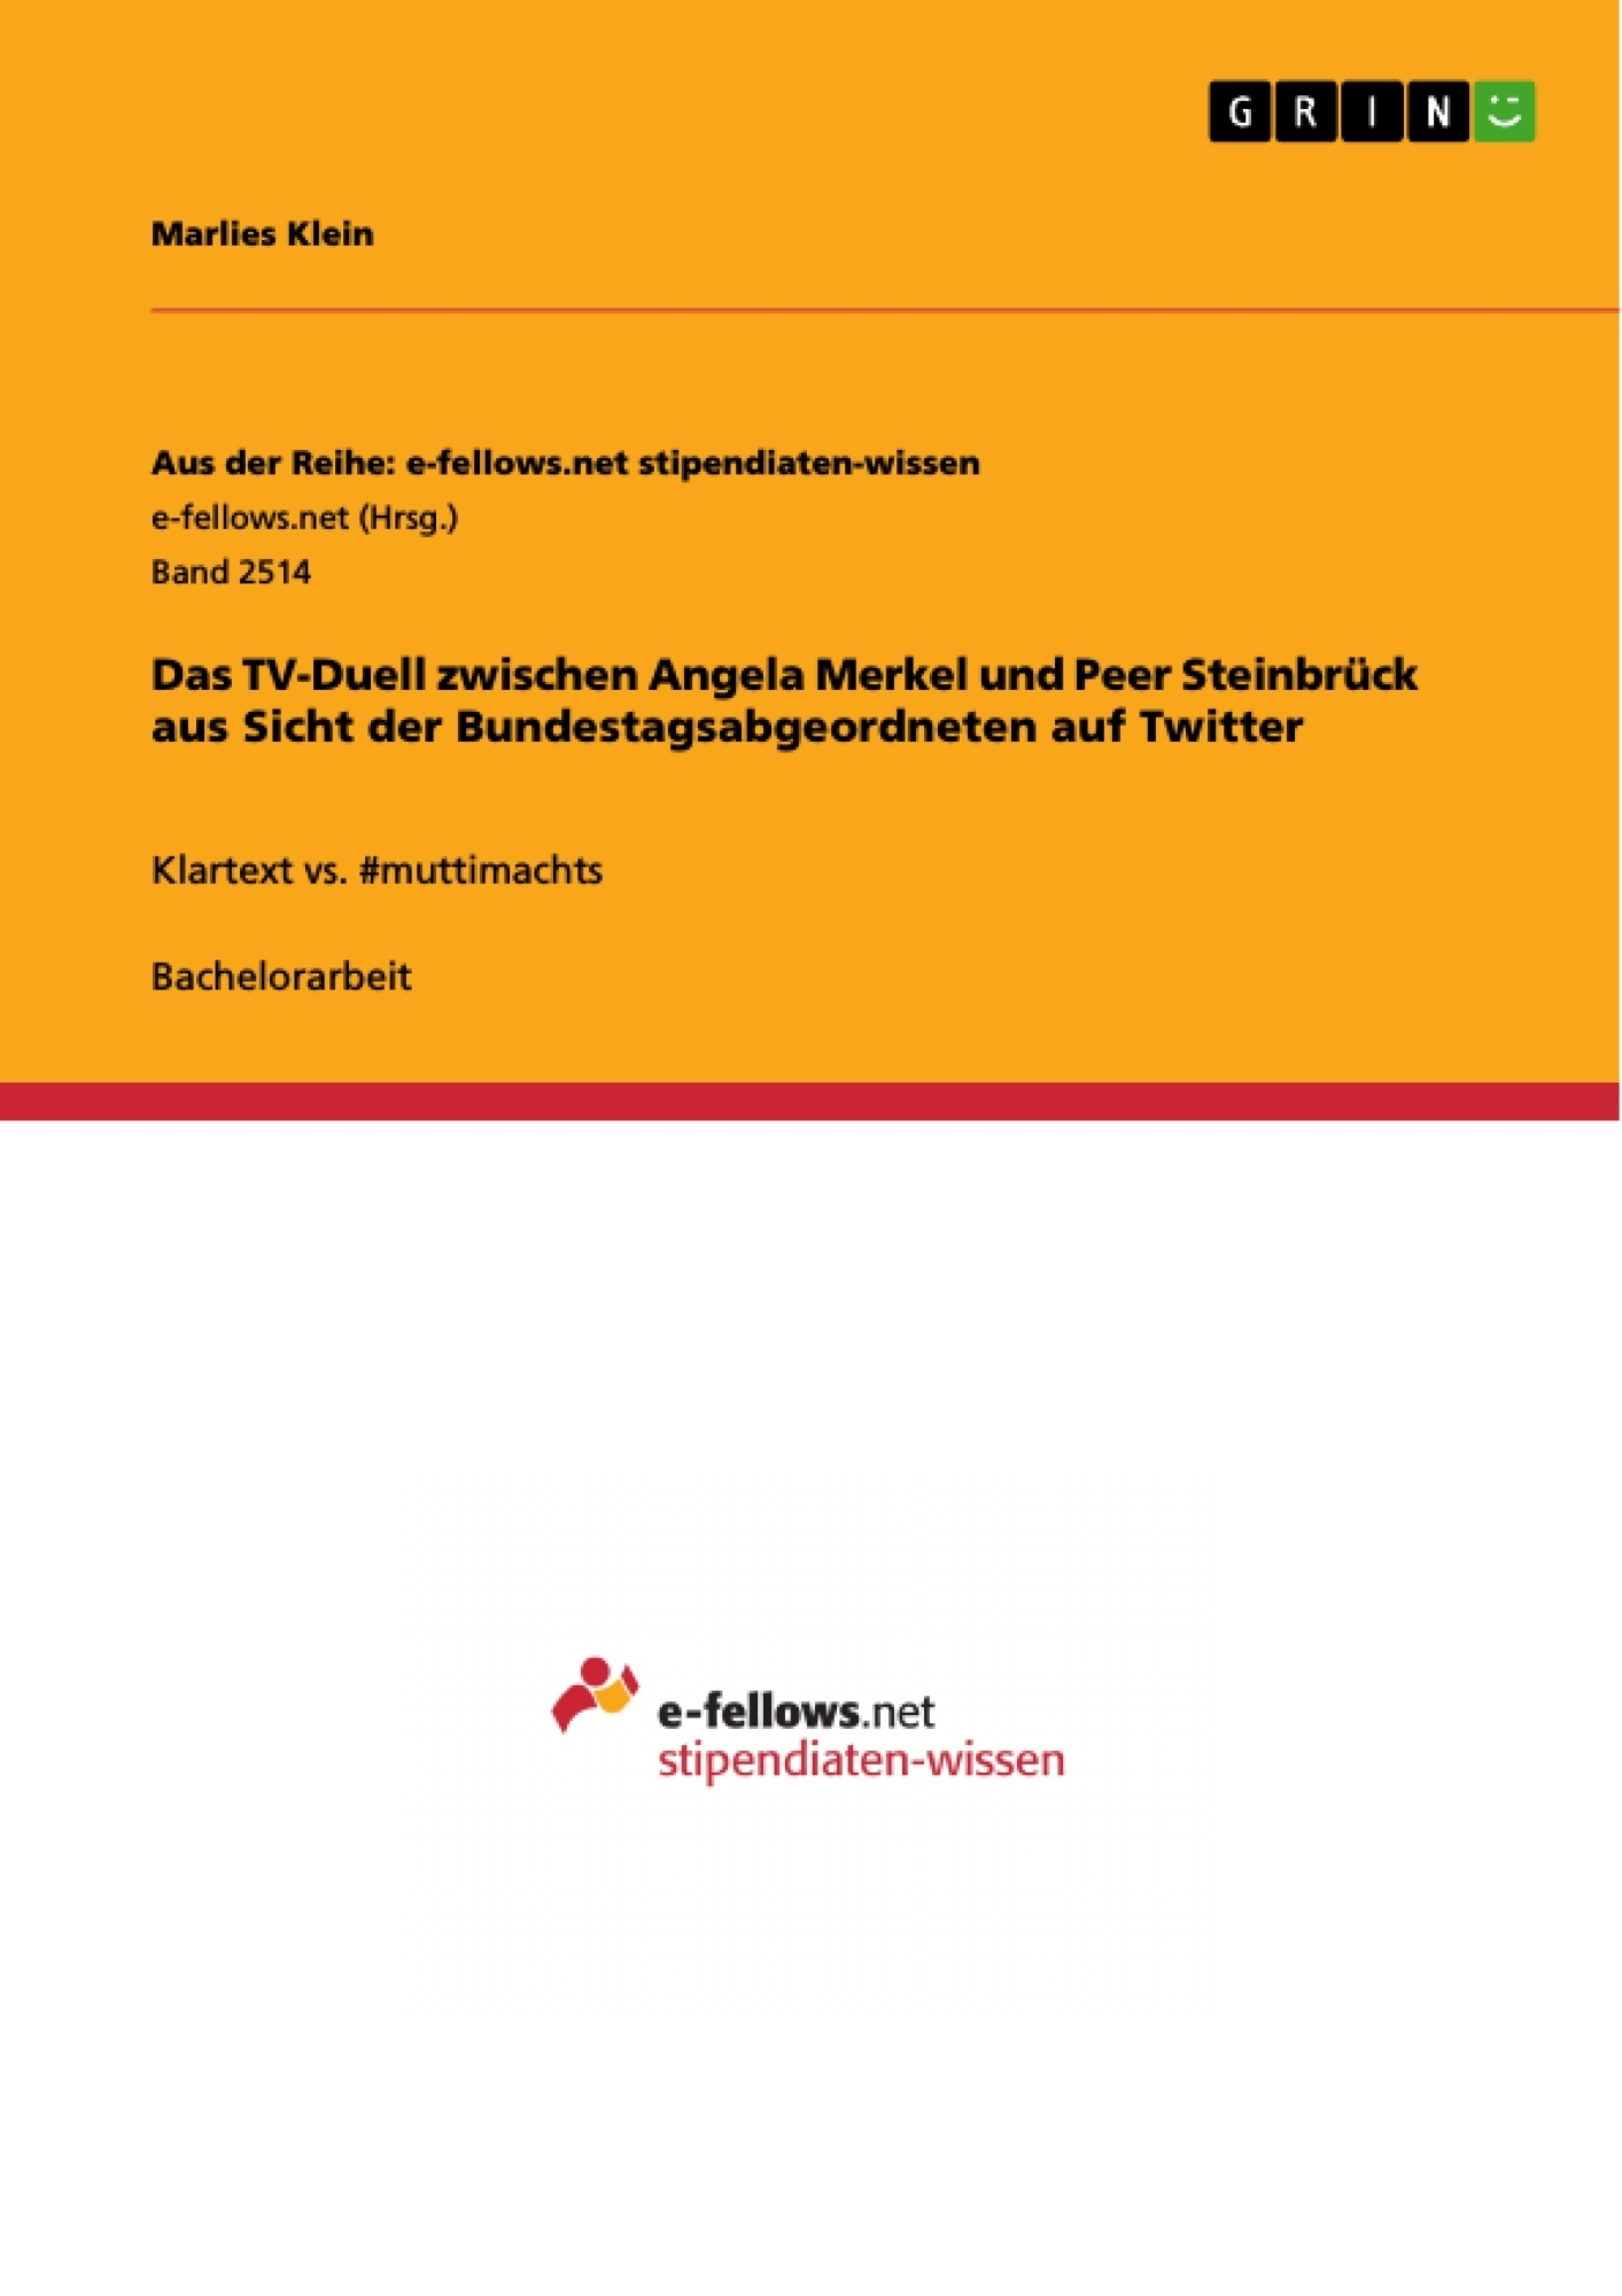 Titel: Das TV-Duell zwischen Angela Merkel und Peer Steinbrück aus Sicht der Bundestagsabgeordneten auf Twitter